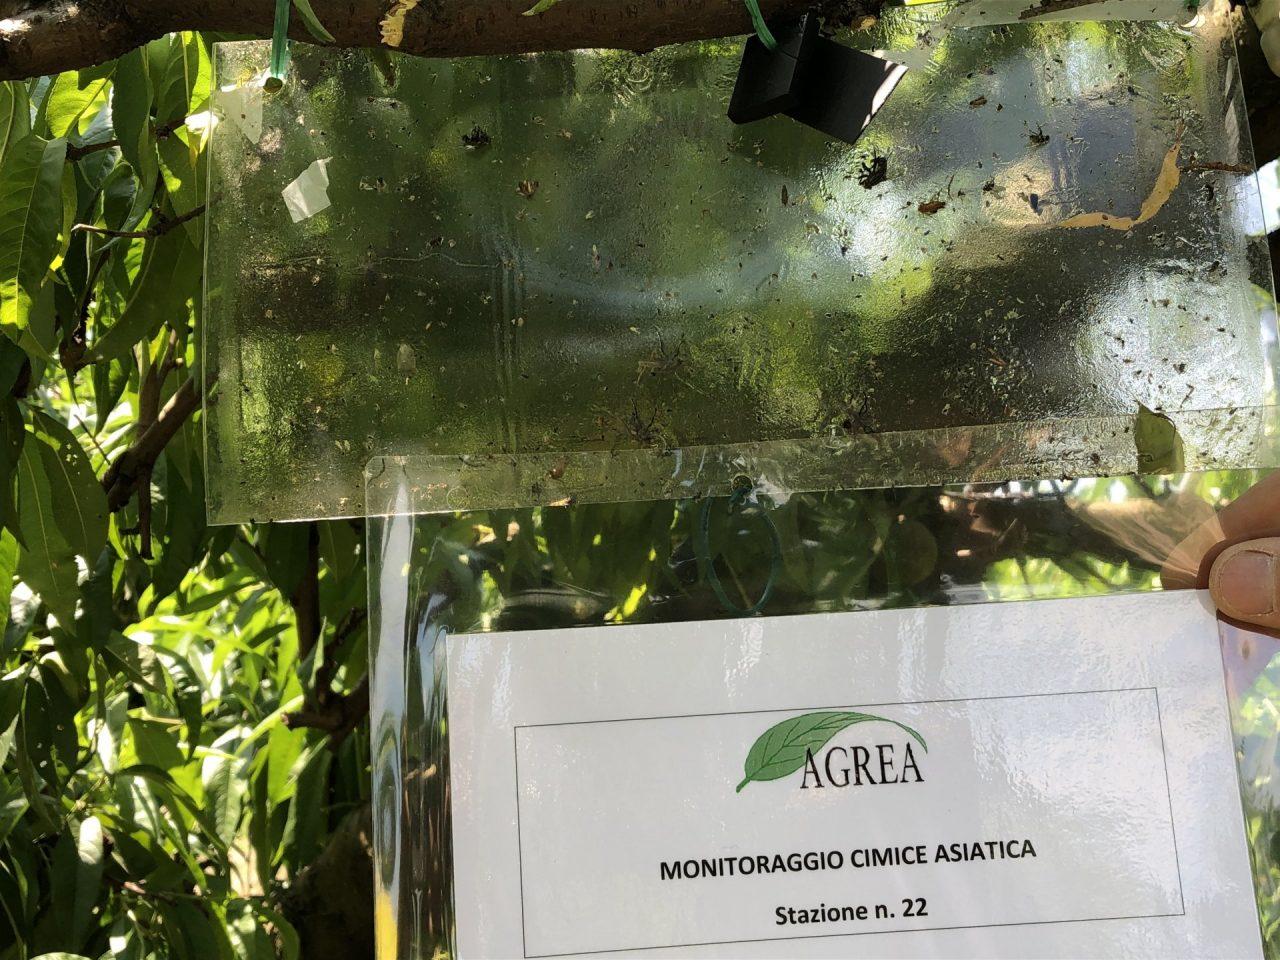 La cimice asiatica ogni anno danneggia in modo grave le coltivazioni frutticole